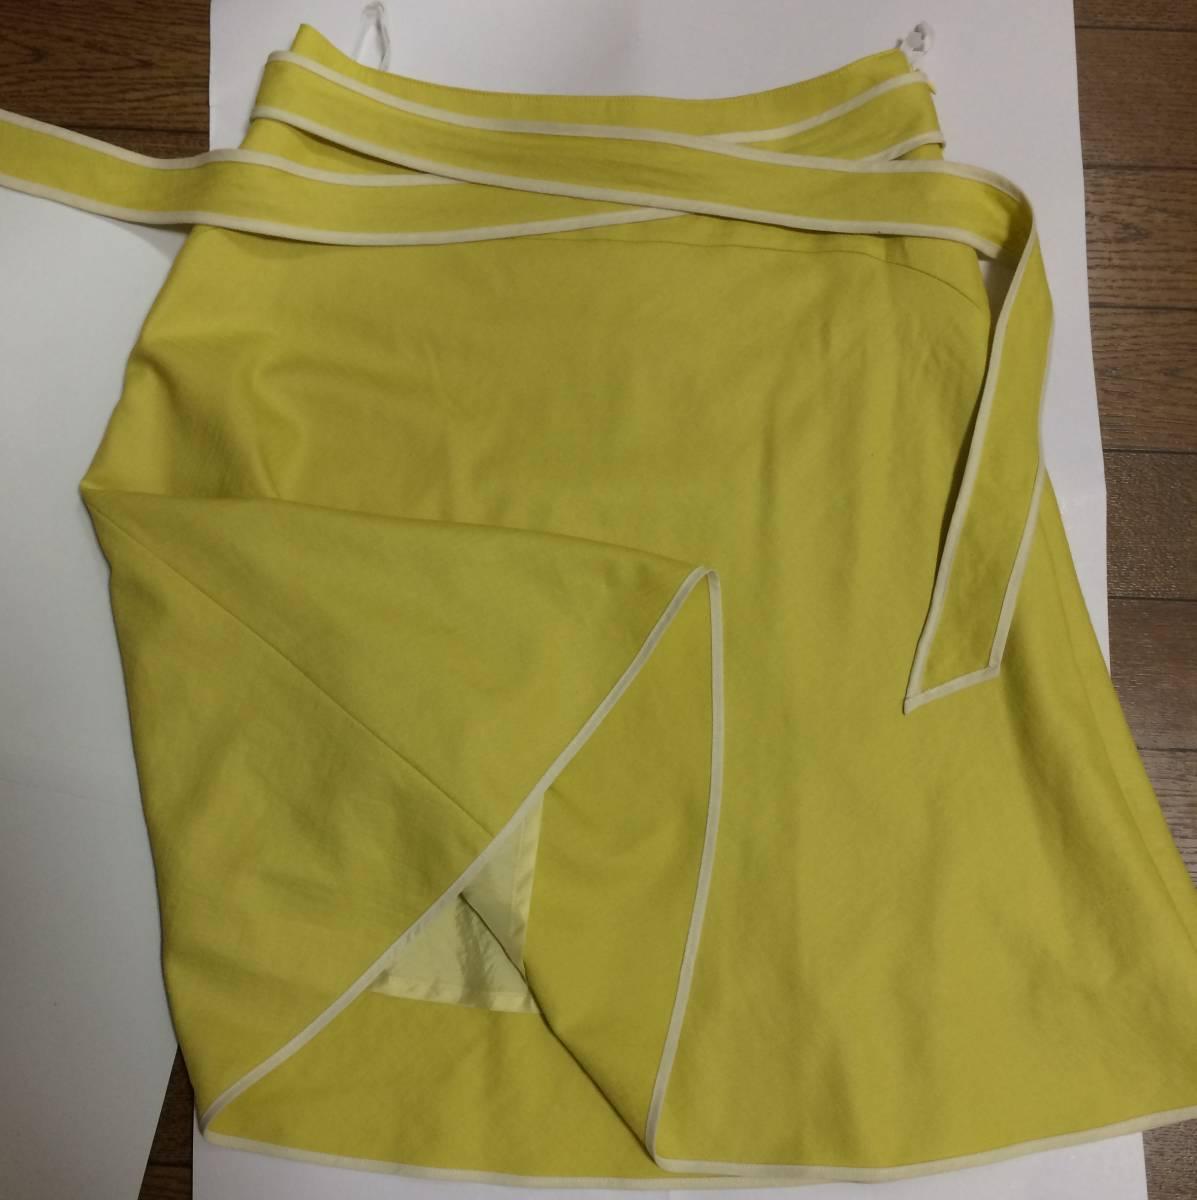 即決 美品 スカート sunauna スーナウーナ M 36 フレアスカート カナリアイエロー イエロー ウエストリボン ワールド 日本製_画像5